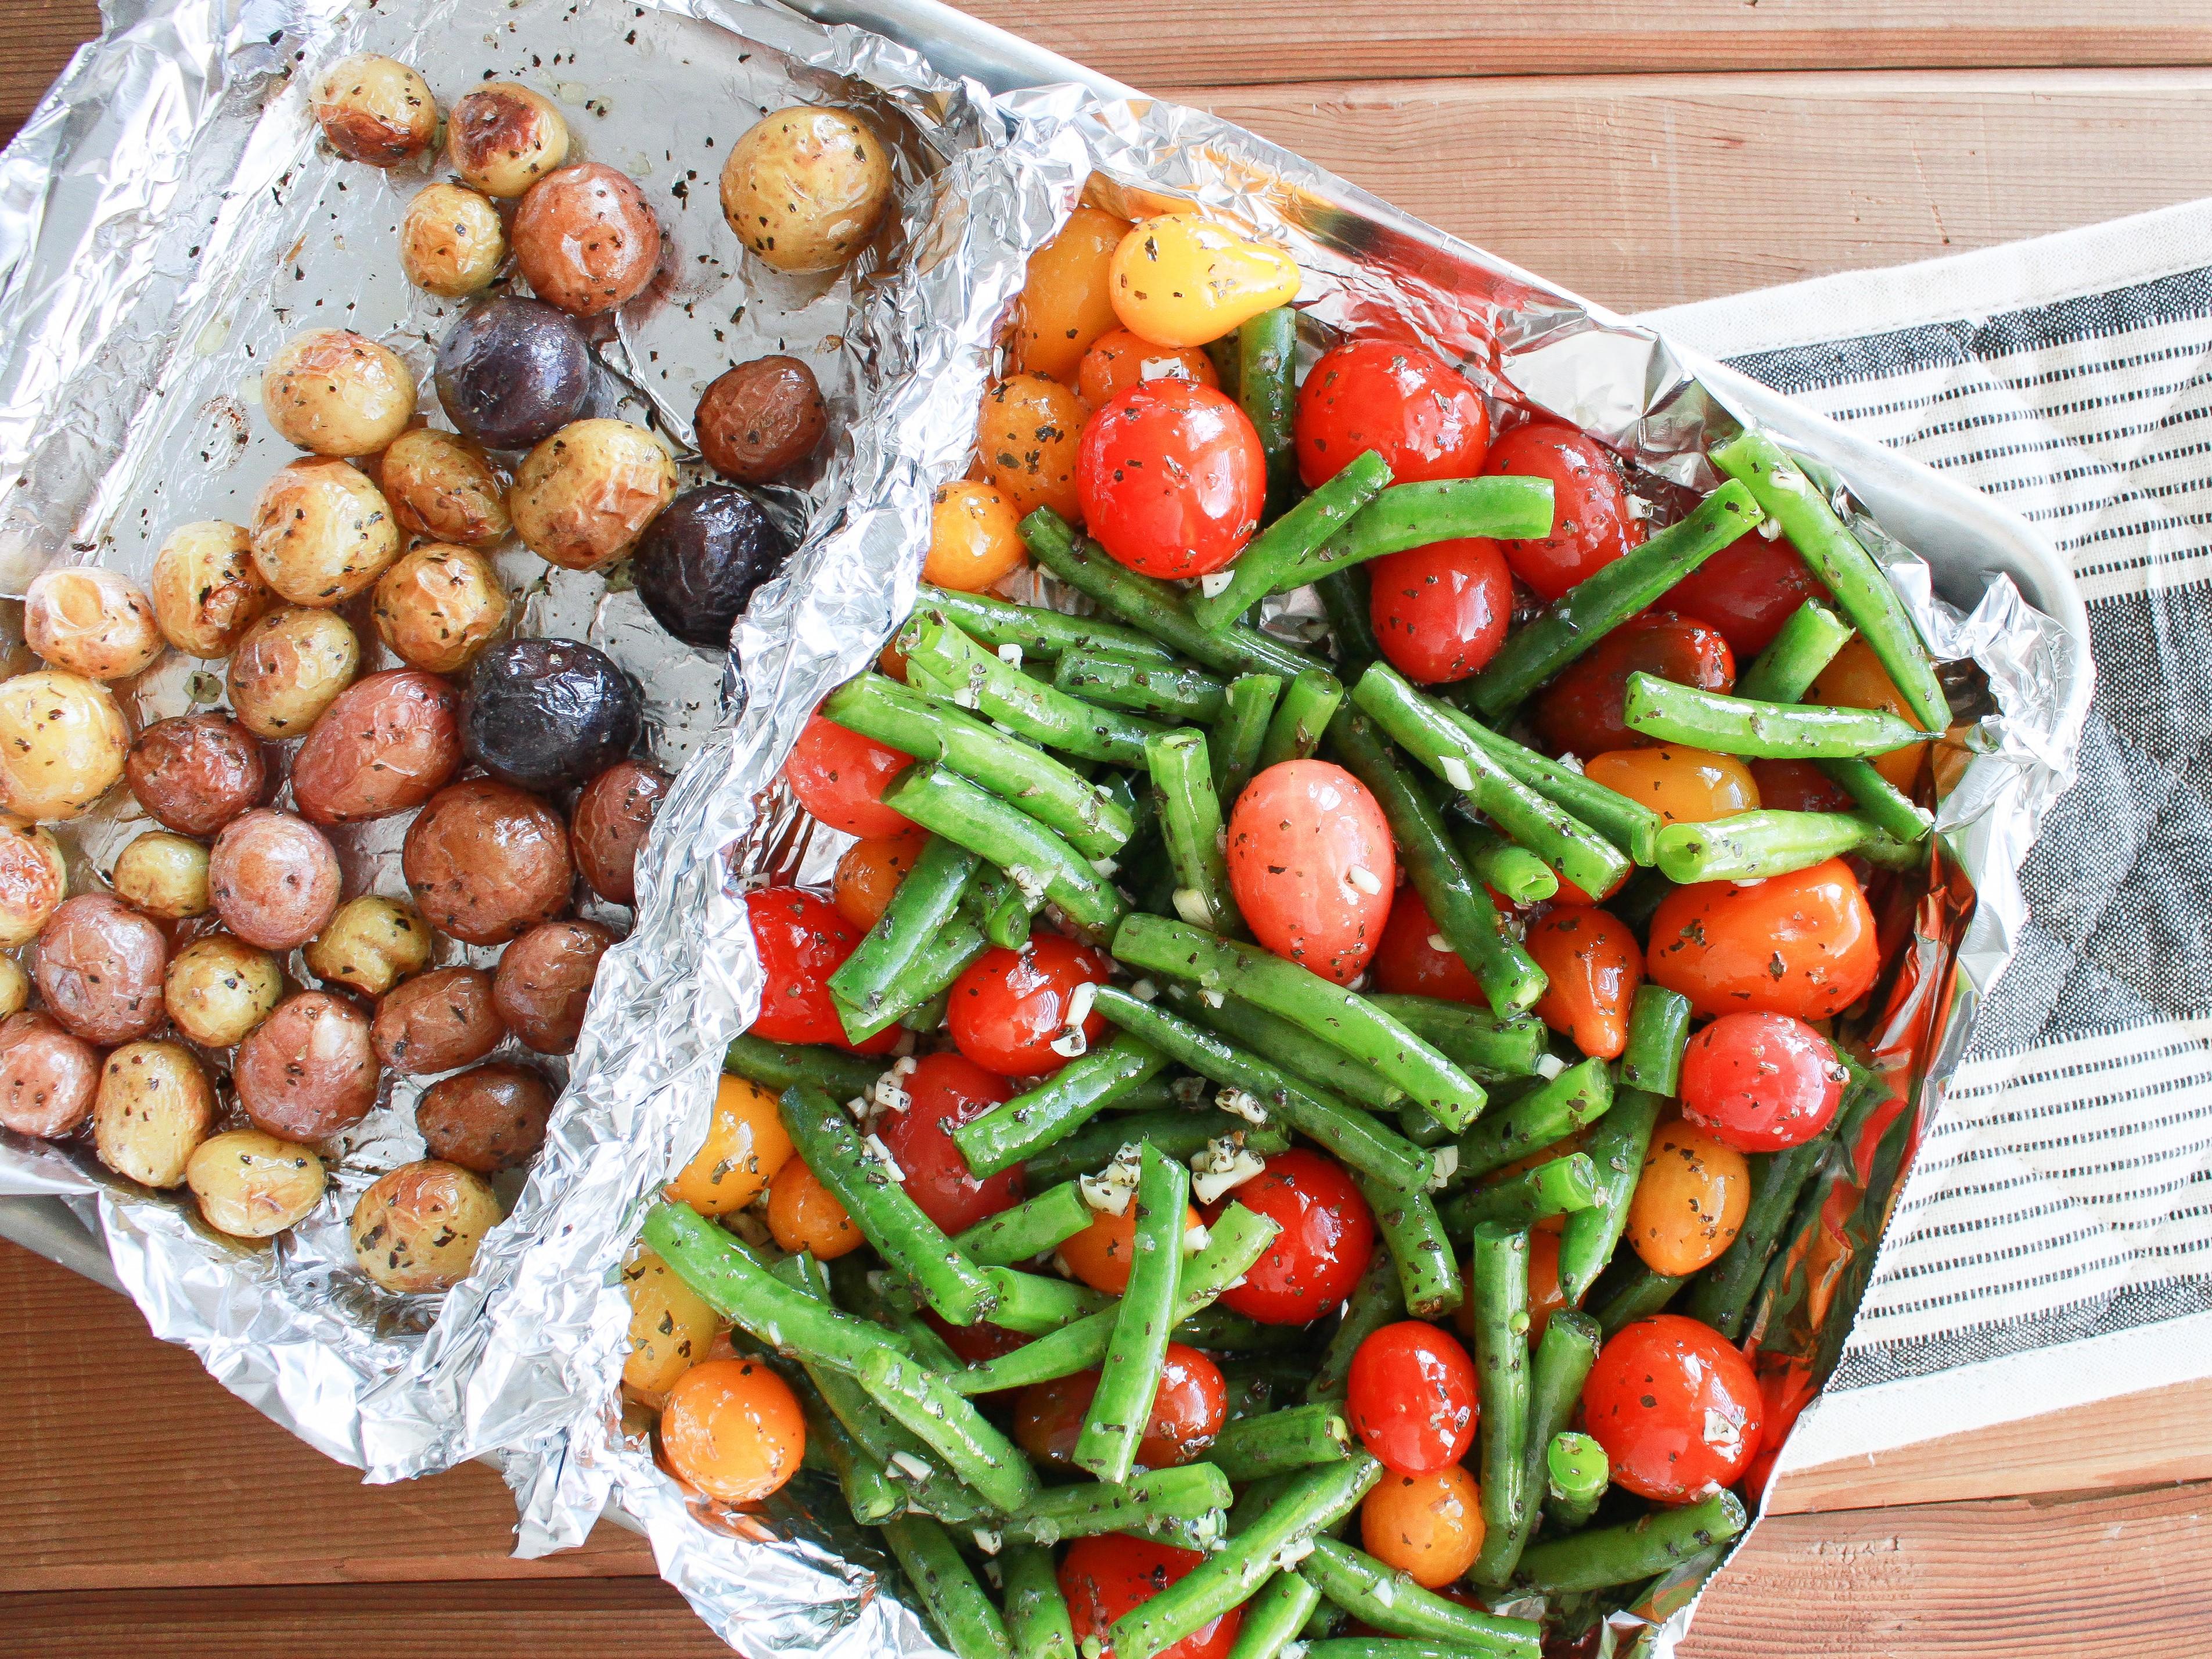 Vegan Green Bean, Tomato, and Basil Sheet Pan Dinner AllrecipesPhoto